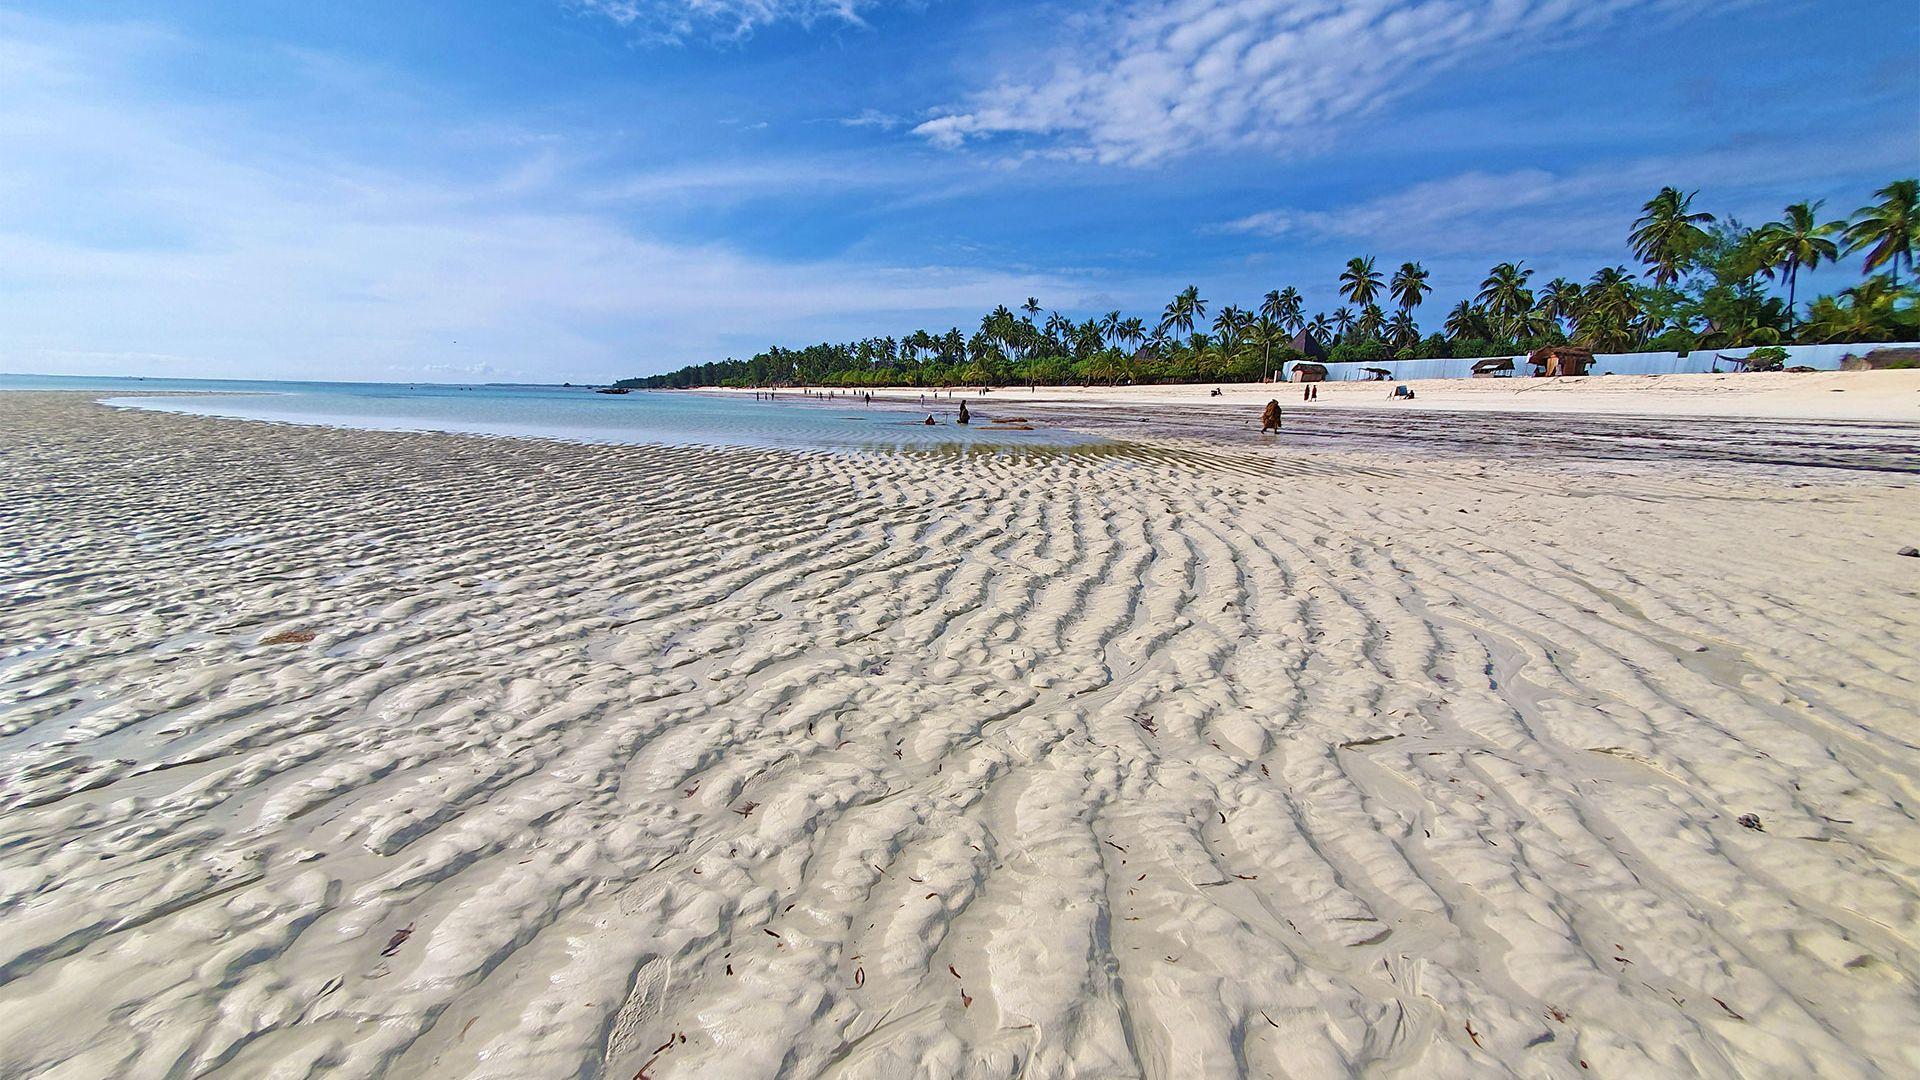 Sejur plaja Zanzibar, Tanzania - Iulie 2021